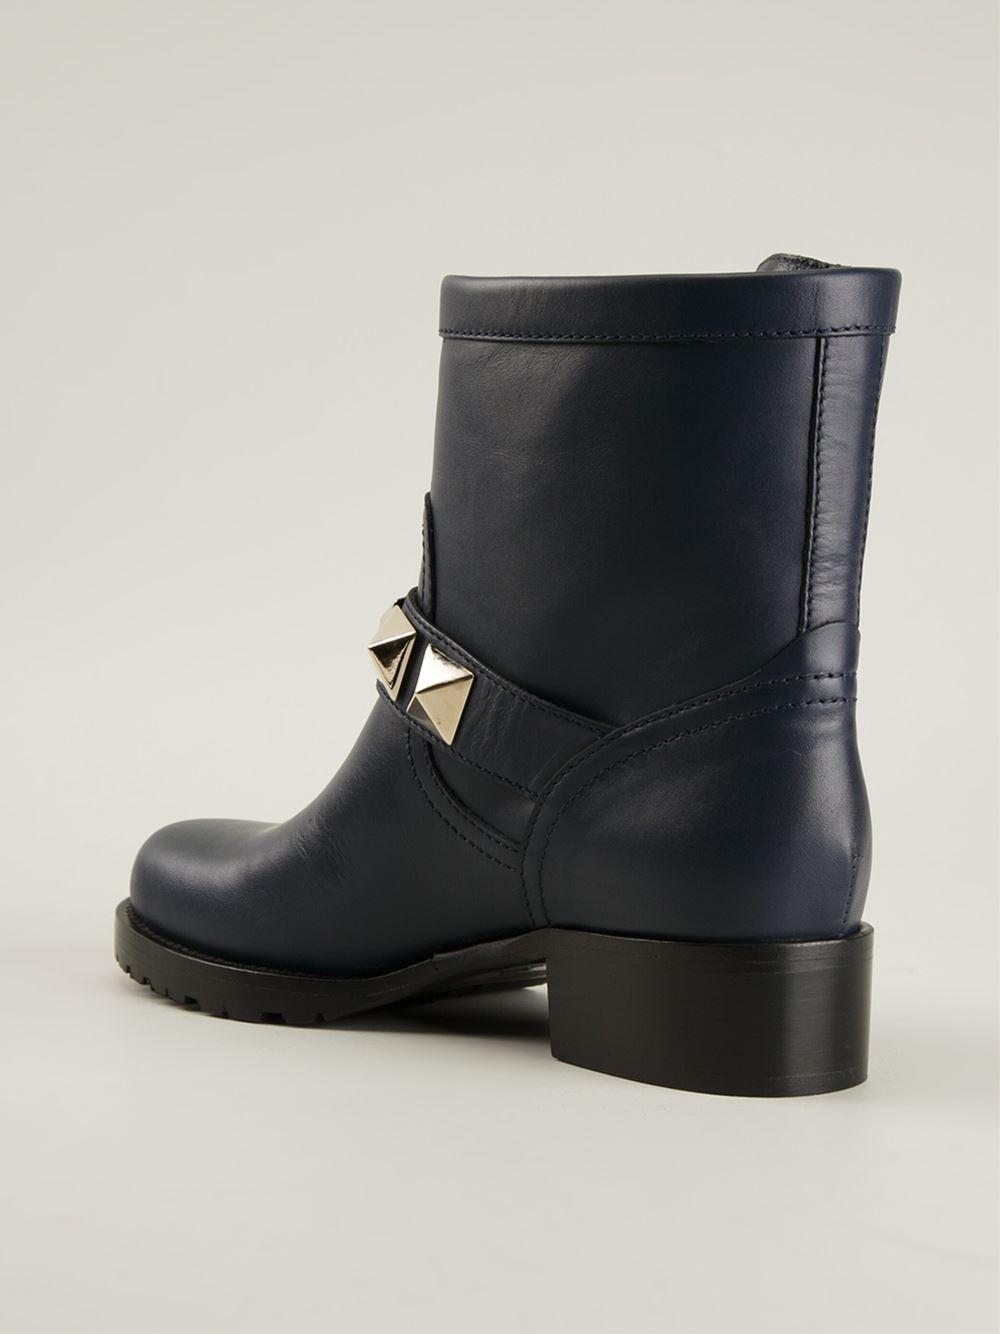 e1030f9226f9 Gallery. Previously sold at  Farfetch · Women s Biker Boots Women s  Valentino ...